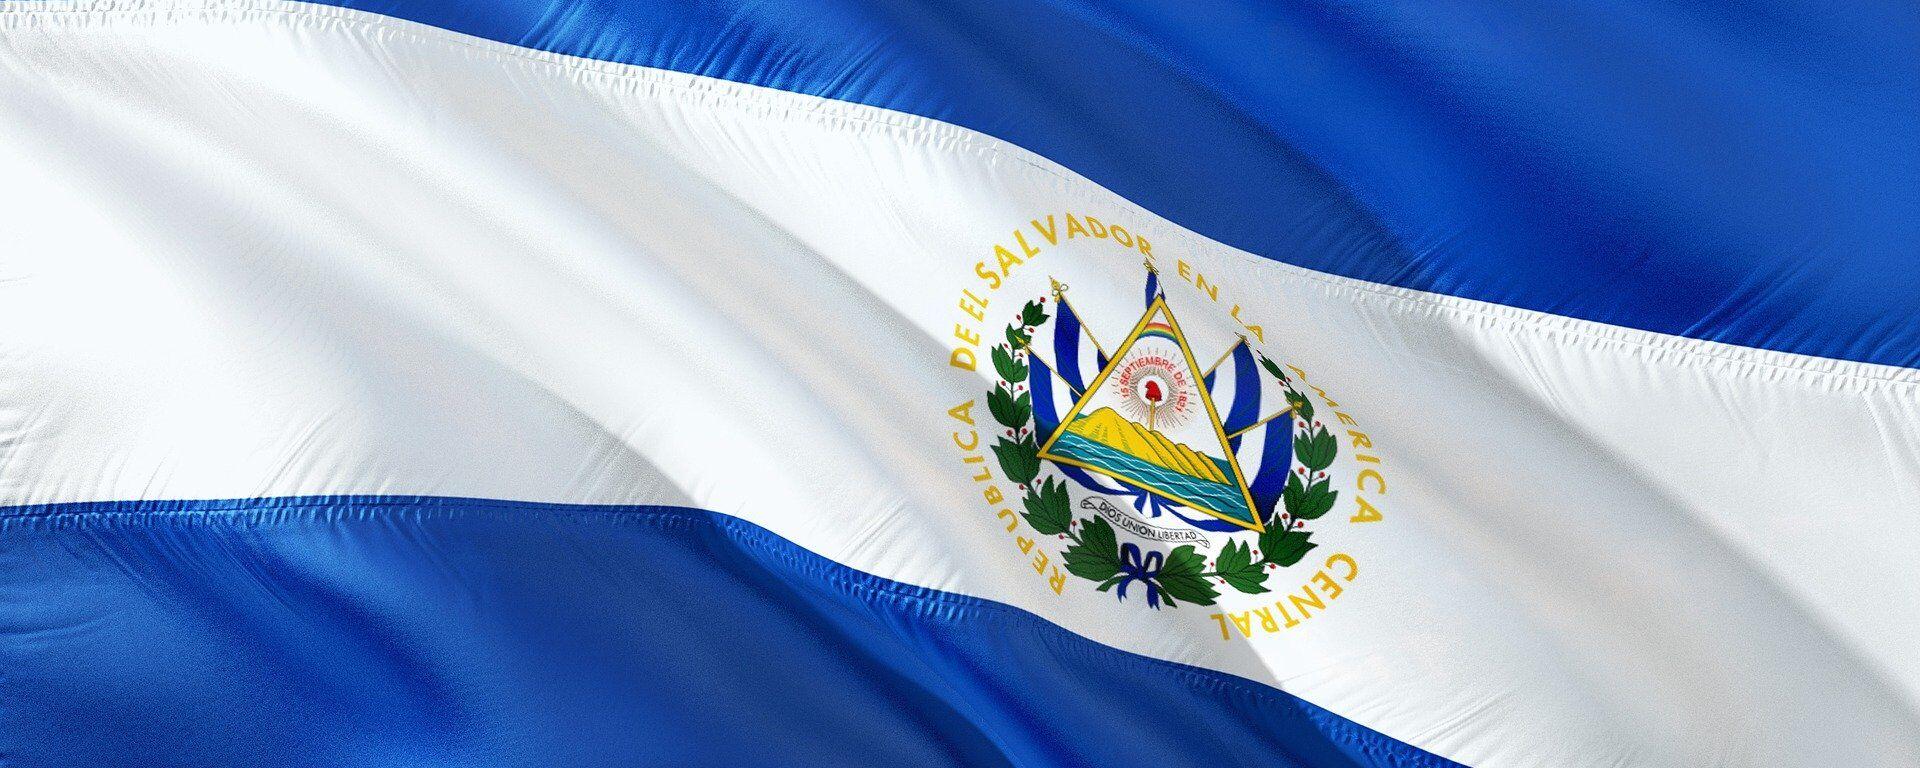 Bandera de El Salvador - Sputnik Mundo, 1920, 12.05.2021